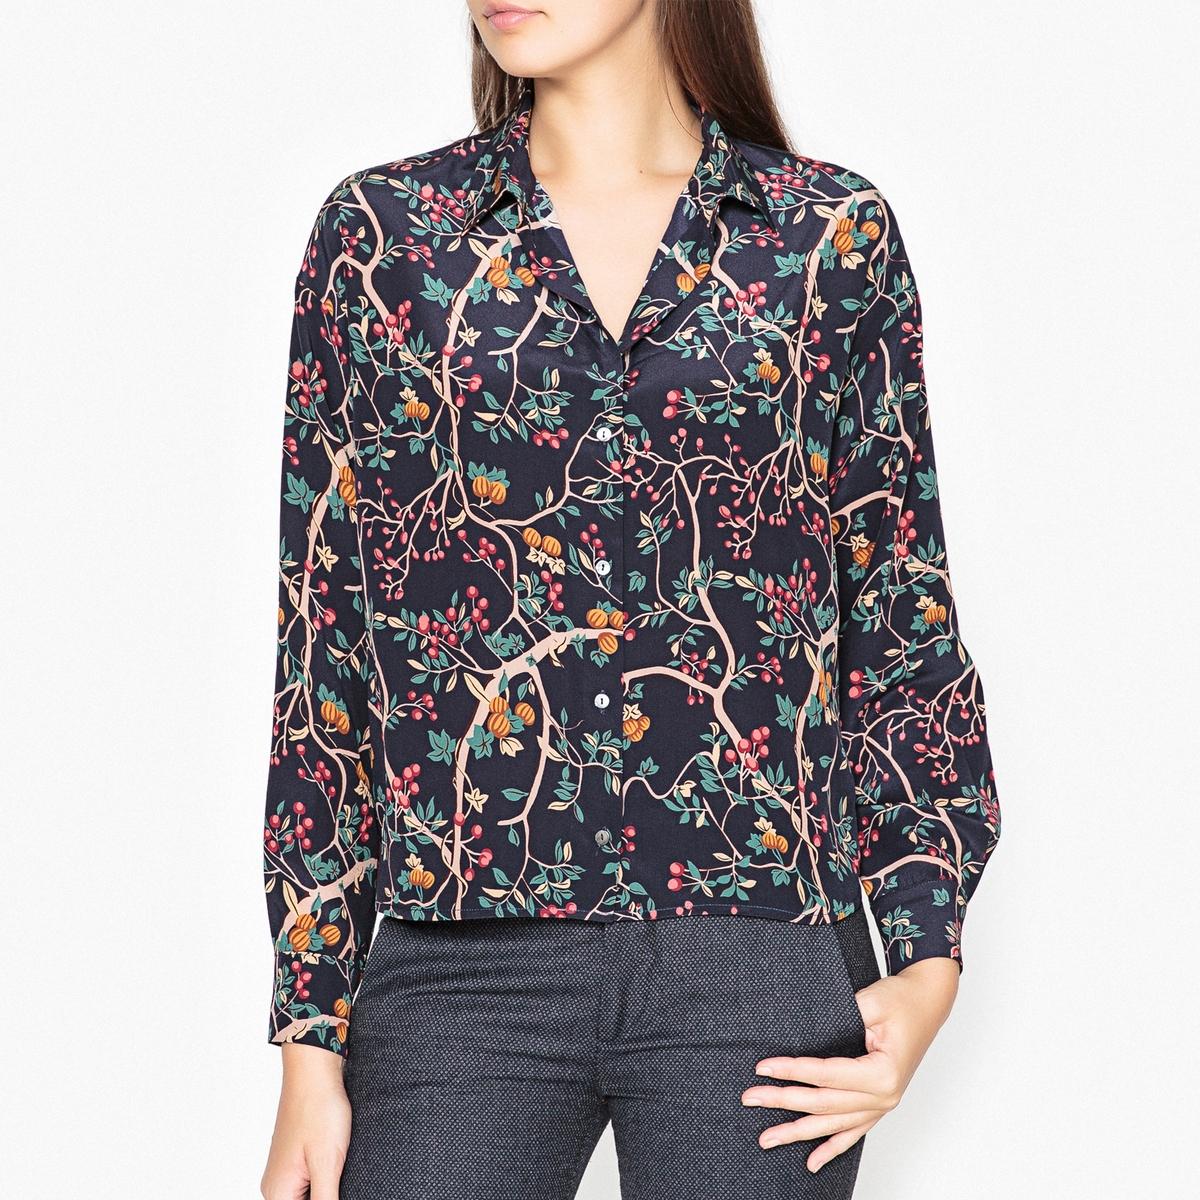 Рубашка с принтом из шелка AGATHEРубашка на пуговицах с длинными рукавами MOMONI - модель AGATHE.  Рубашечный воротник и манжеты на пуговицах из ткани с принтом, 100% шелк .Детали •  Длинные рукава •  Покрой бойфренд, свободный •  Воротник-поло, рубашечный  •  Цветочный рисунок  Состав и уход •  100% шелк •  Следуйте советам по уходу, указанным на этикетке<br><br>Цвет: рисунок черный<br>Размер: 36 (FR) - 42 (RUS).38 (FR) - 44 (RUS)